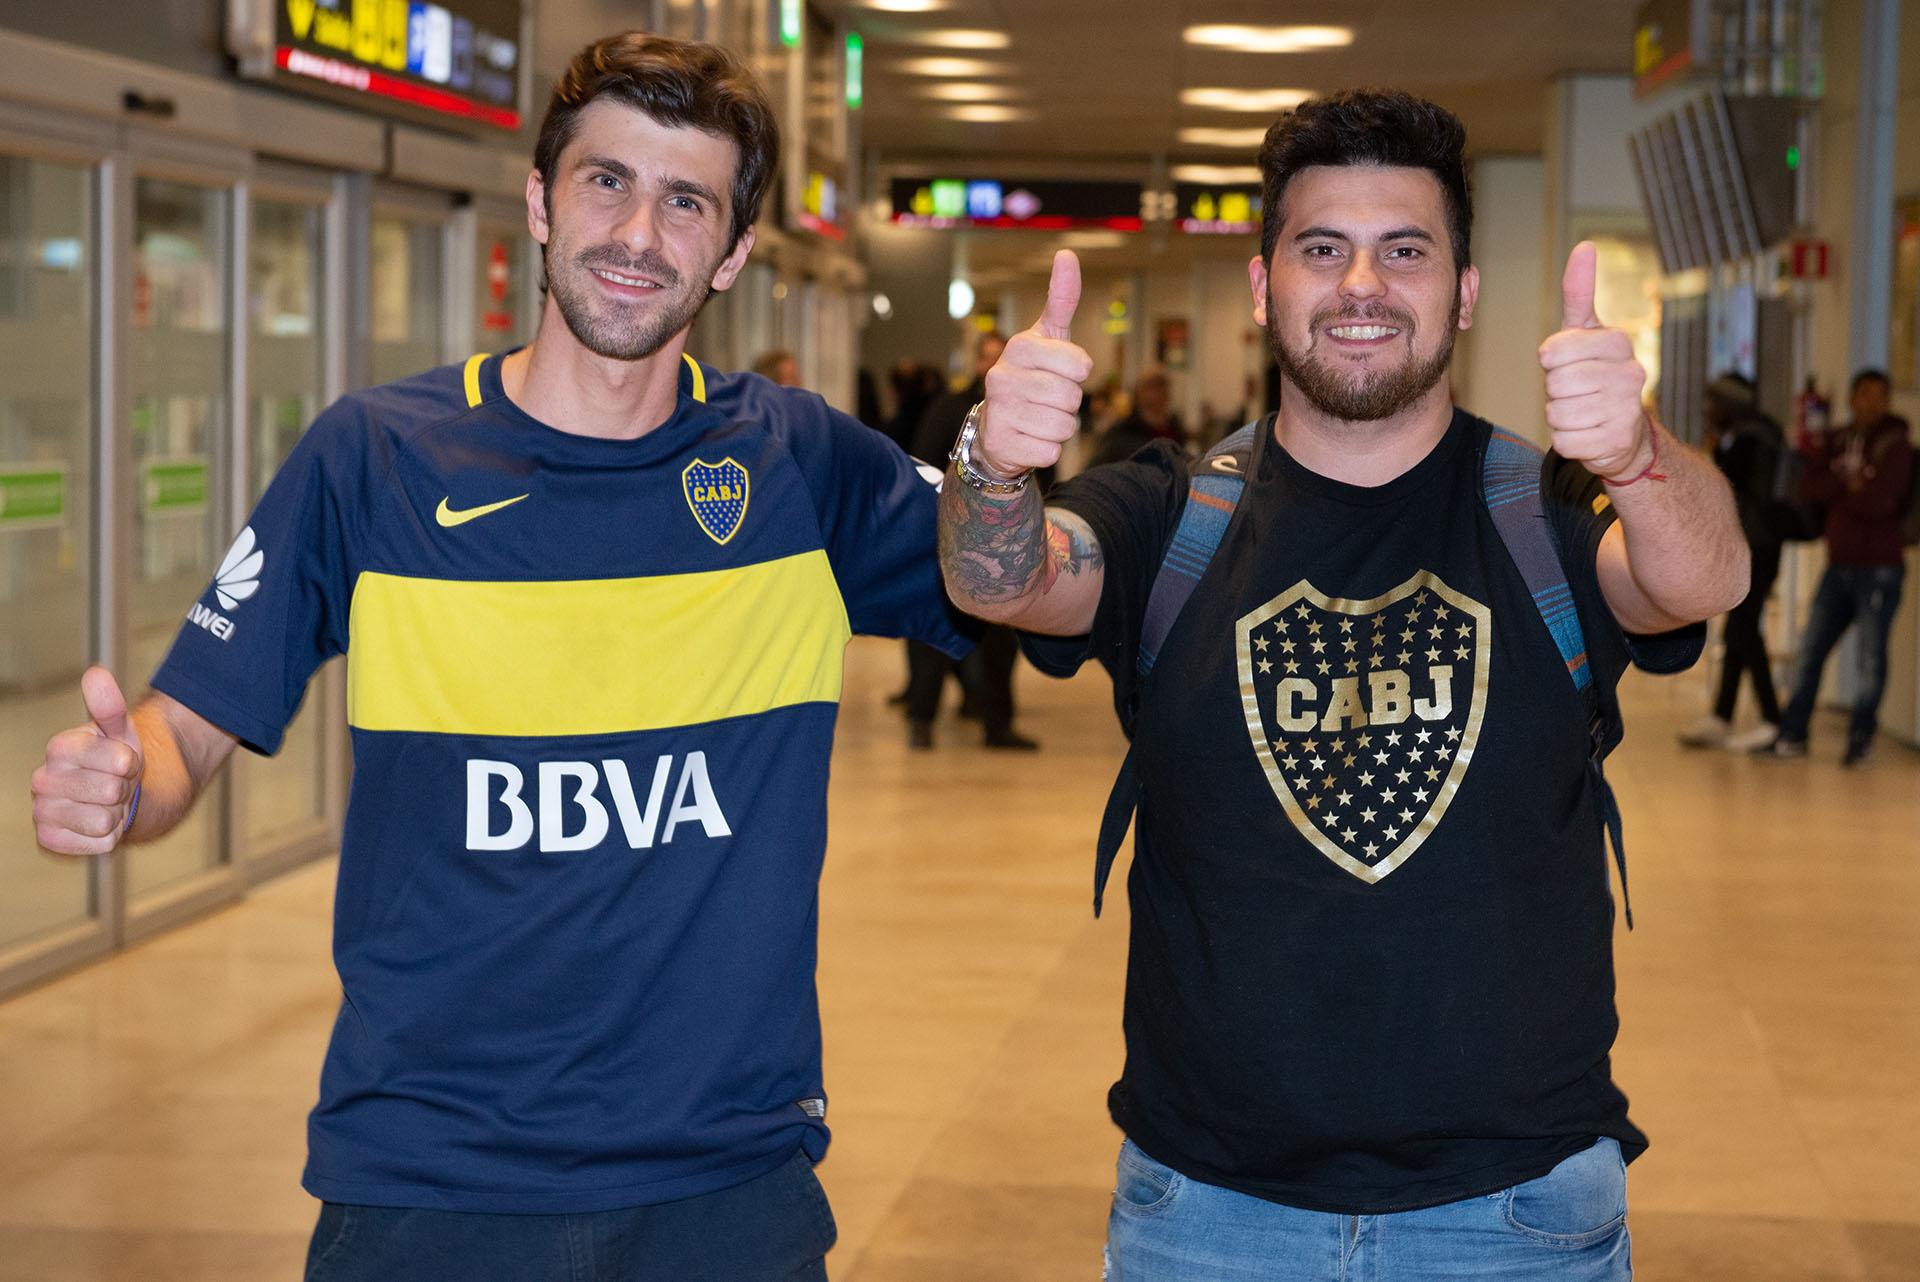 Germán y Gabriel, en su llegada del aeropuerto de Barajas en Madrid para asistir, por fin, a la gran final. (Alejandro Rios)